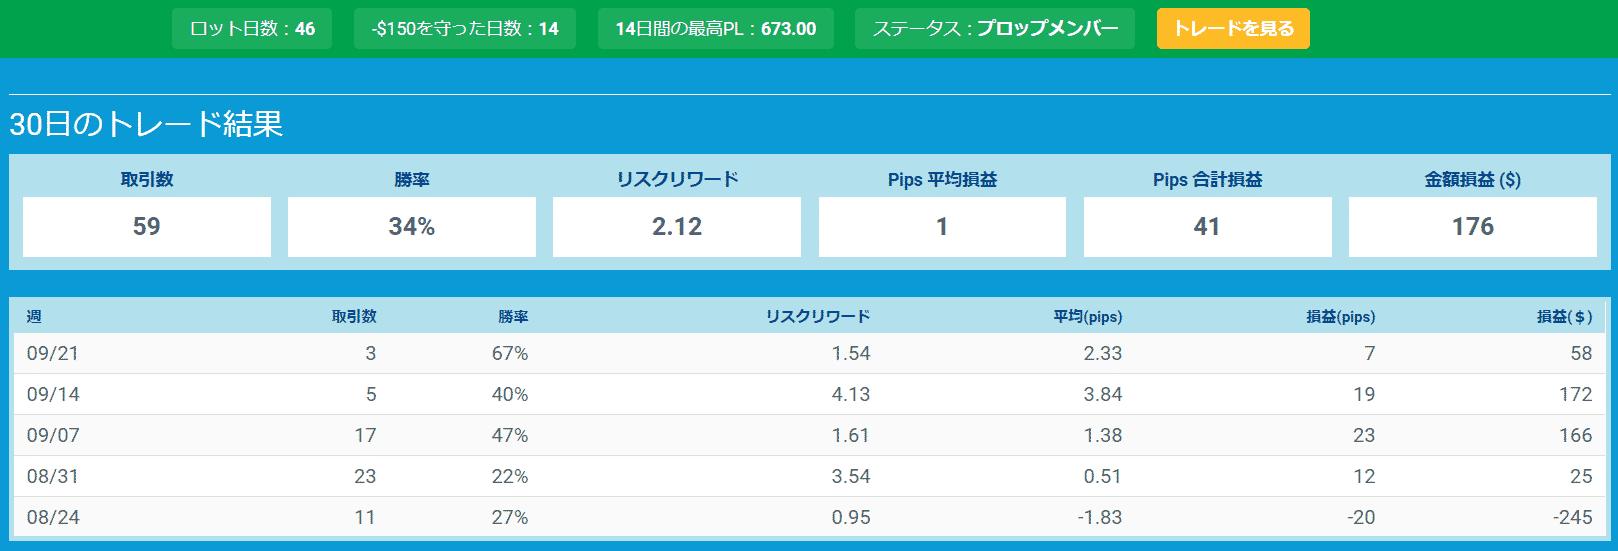 プロップトレーダーチャートYun3